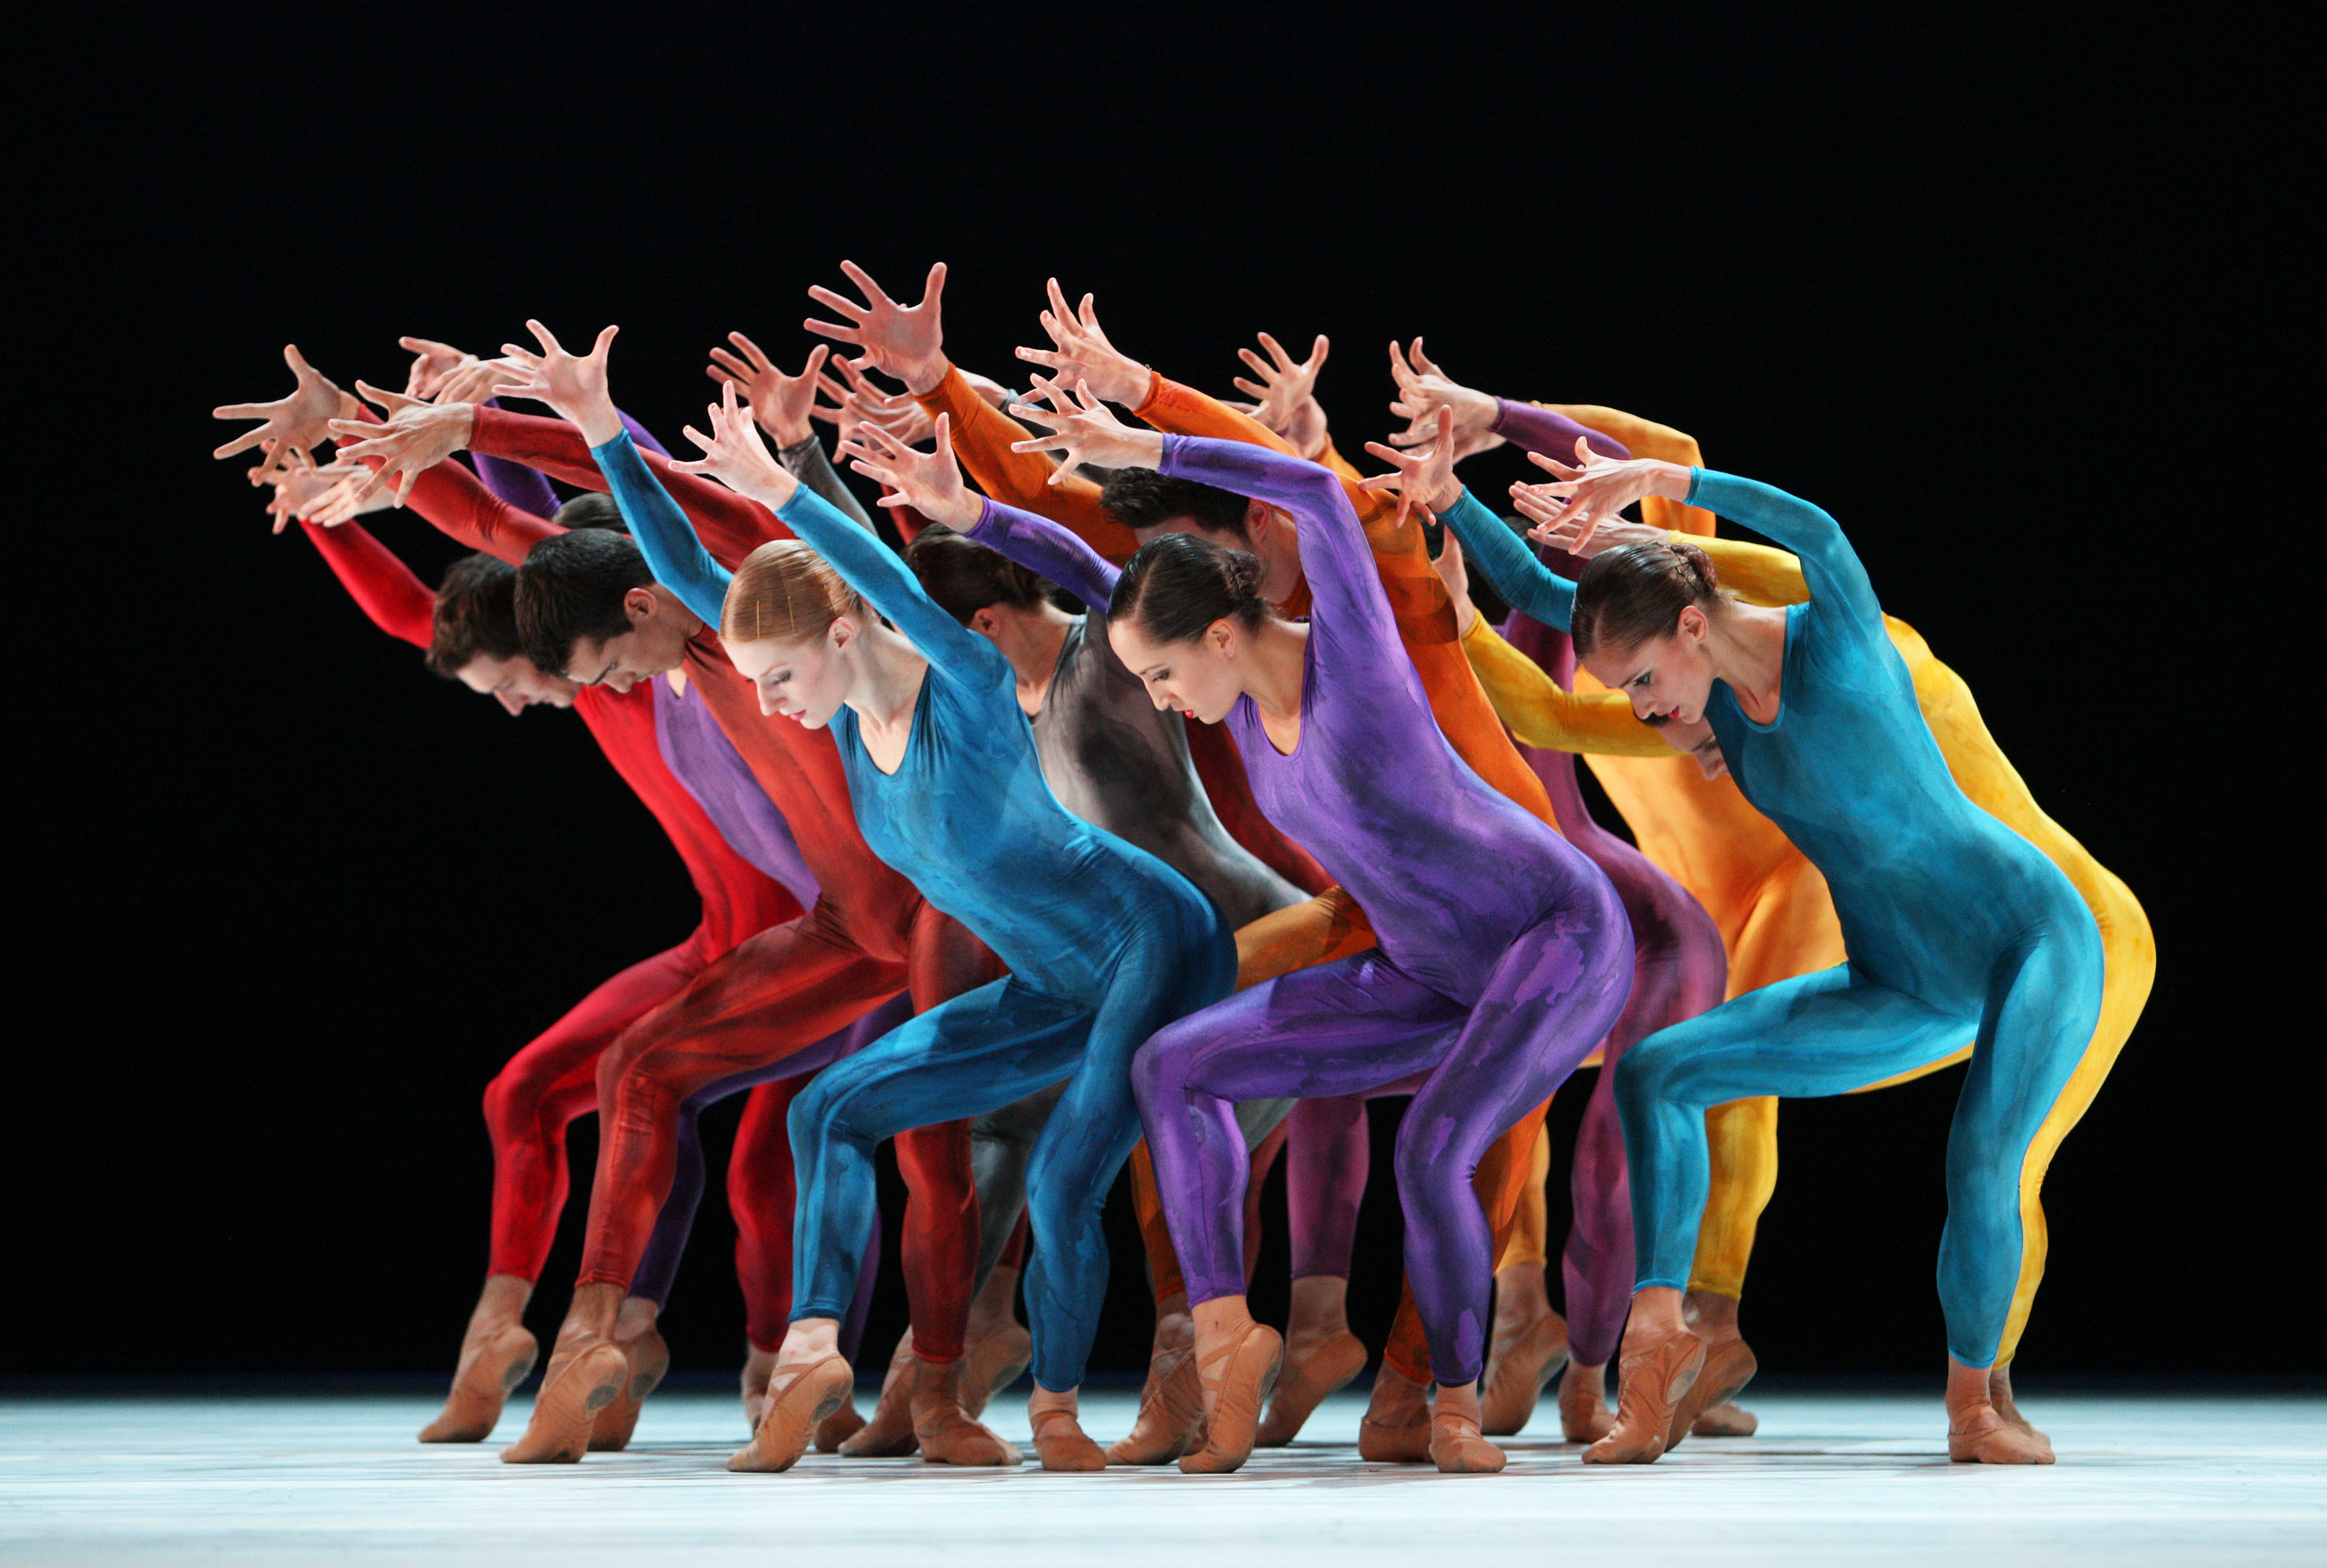 balletto ballerini sito di incontri celebrità che hanno fatto dating online